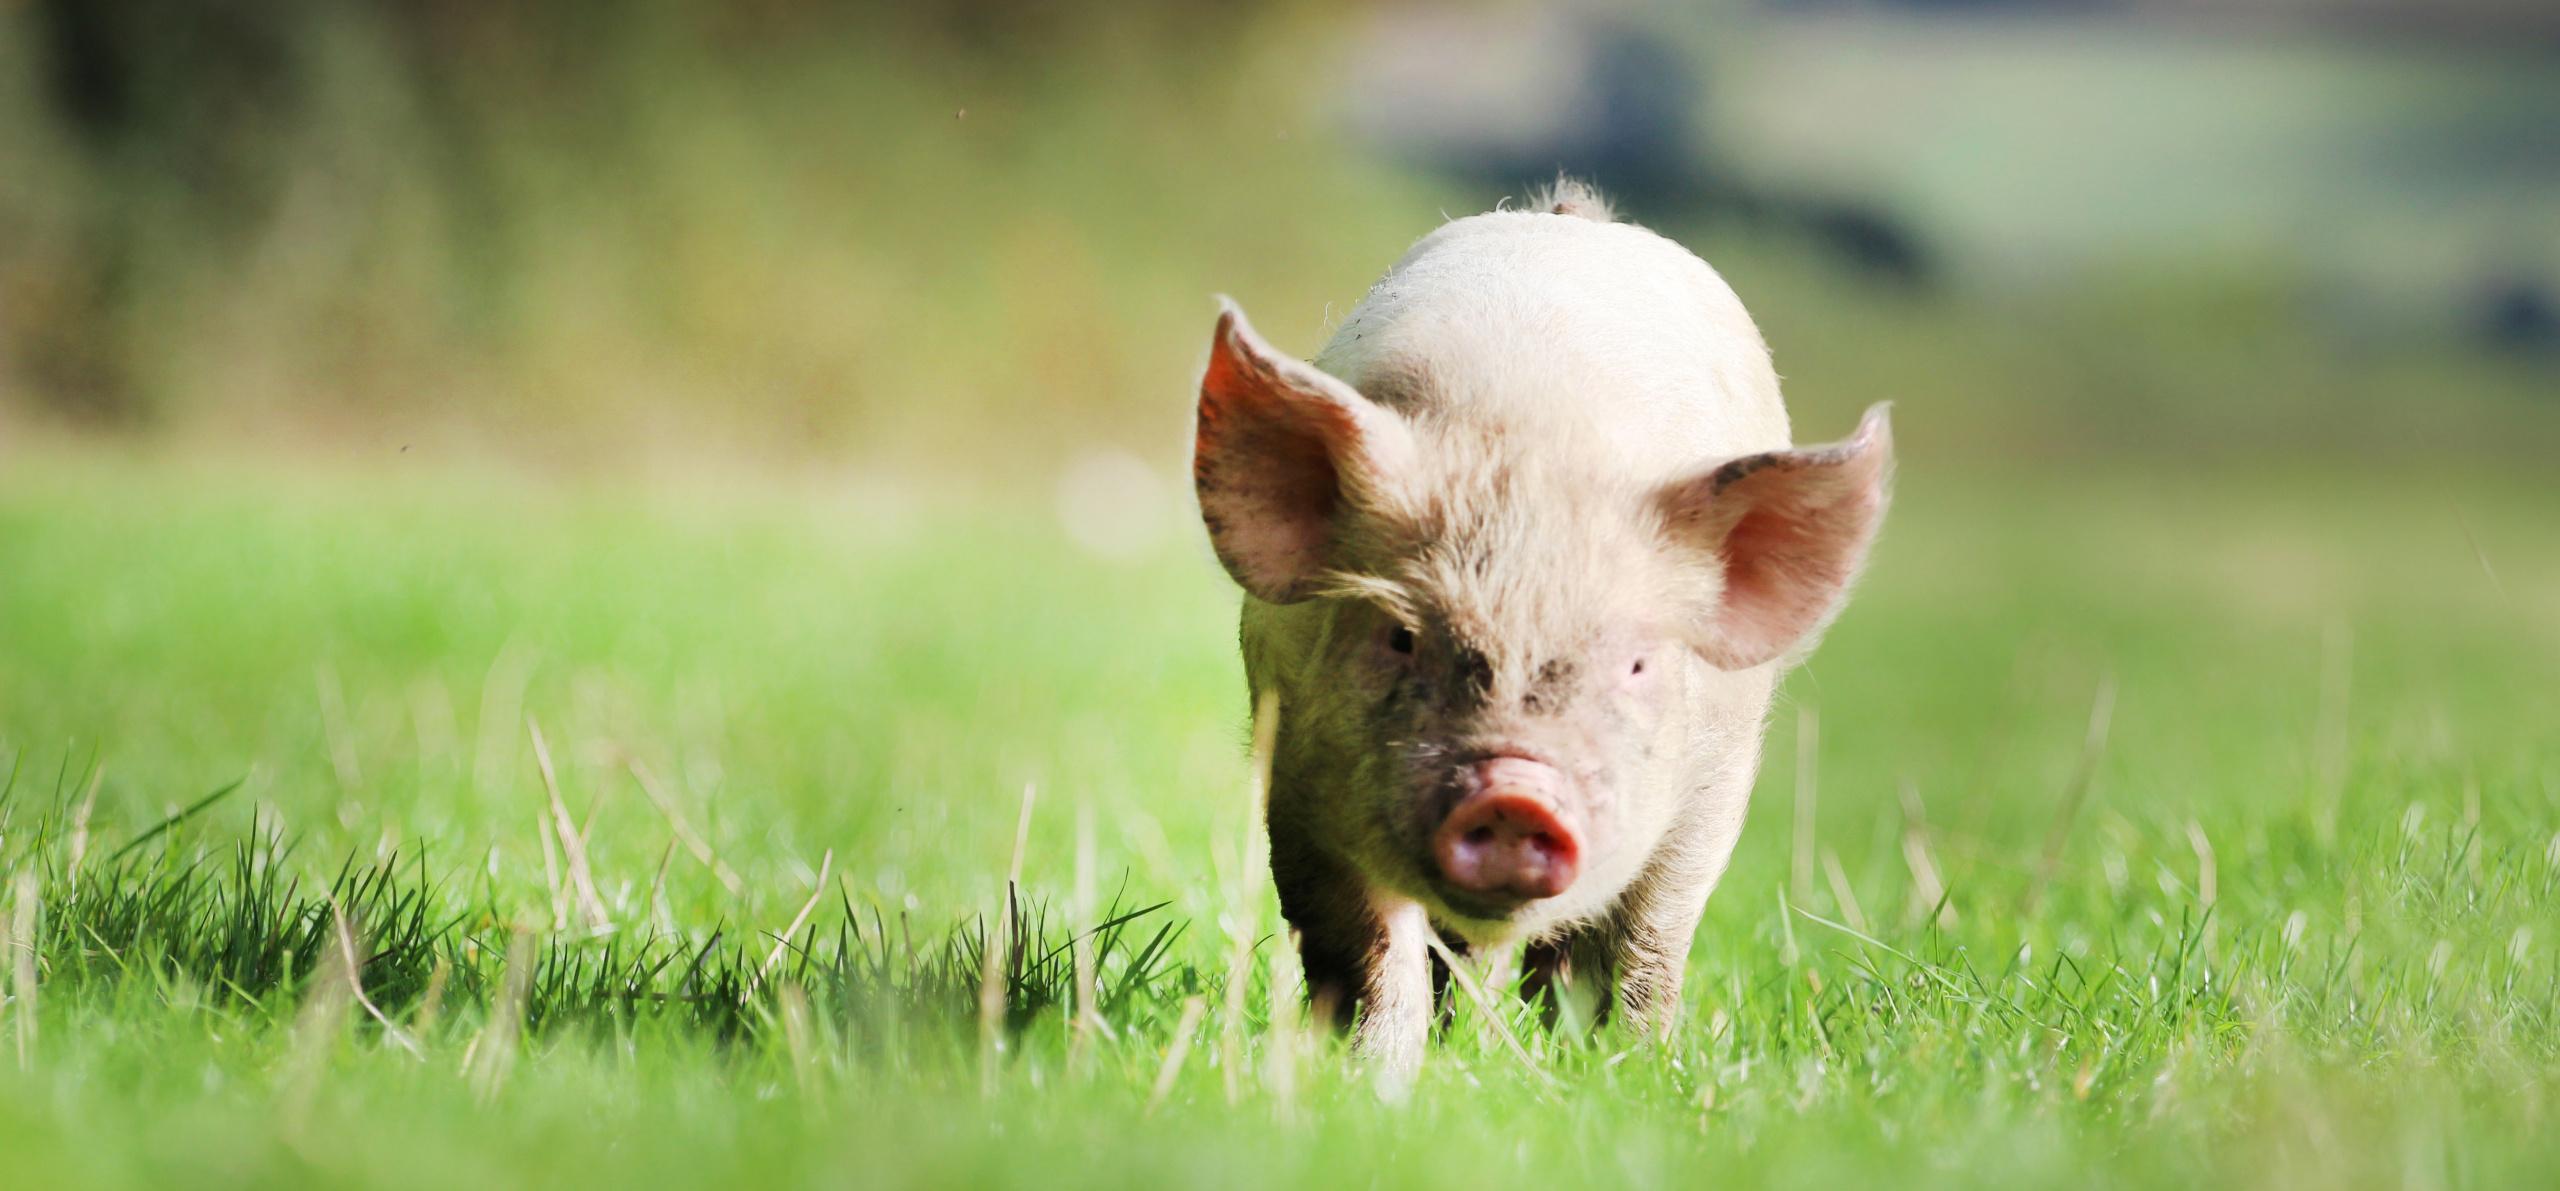 Pig PP-09-17-138